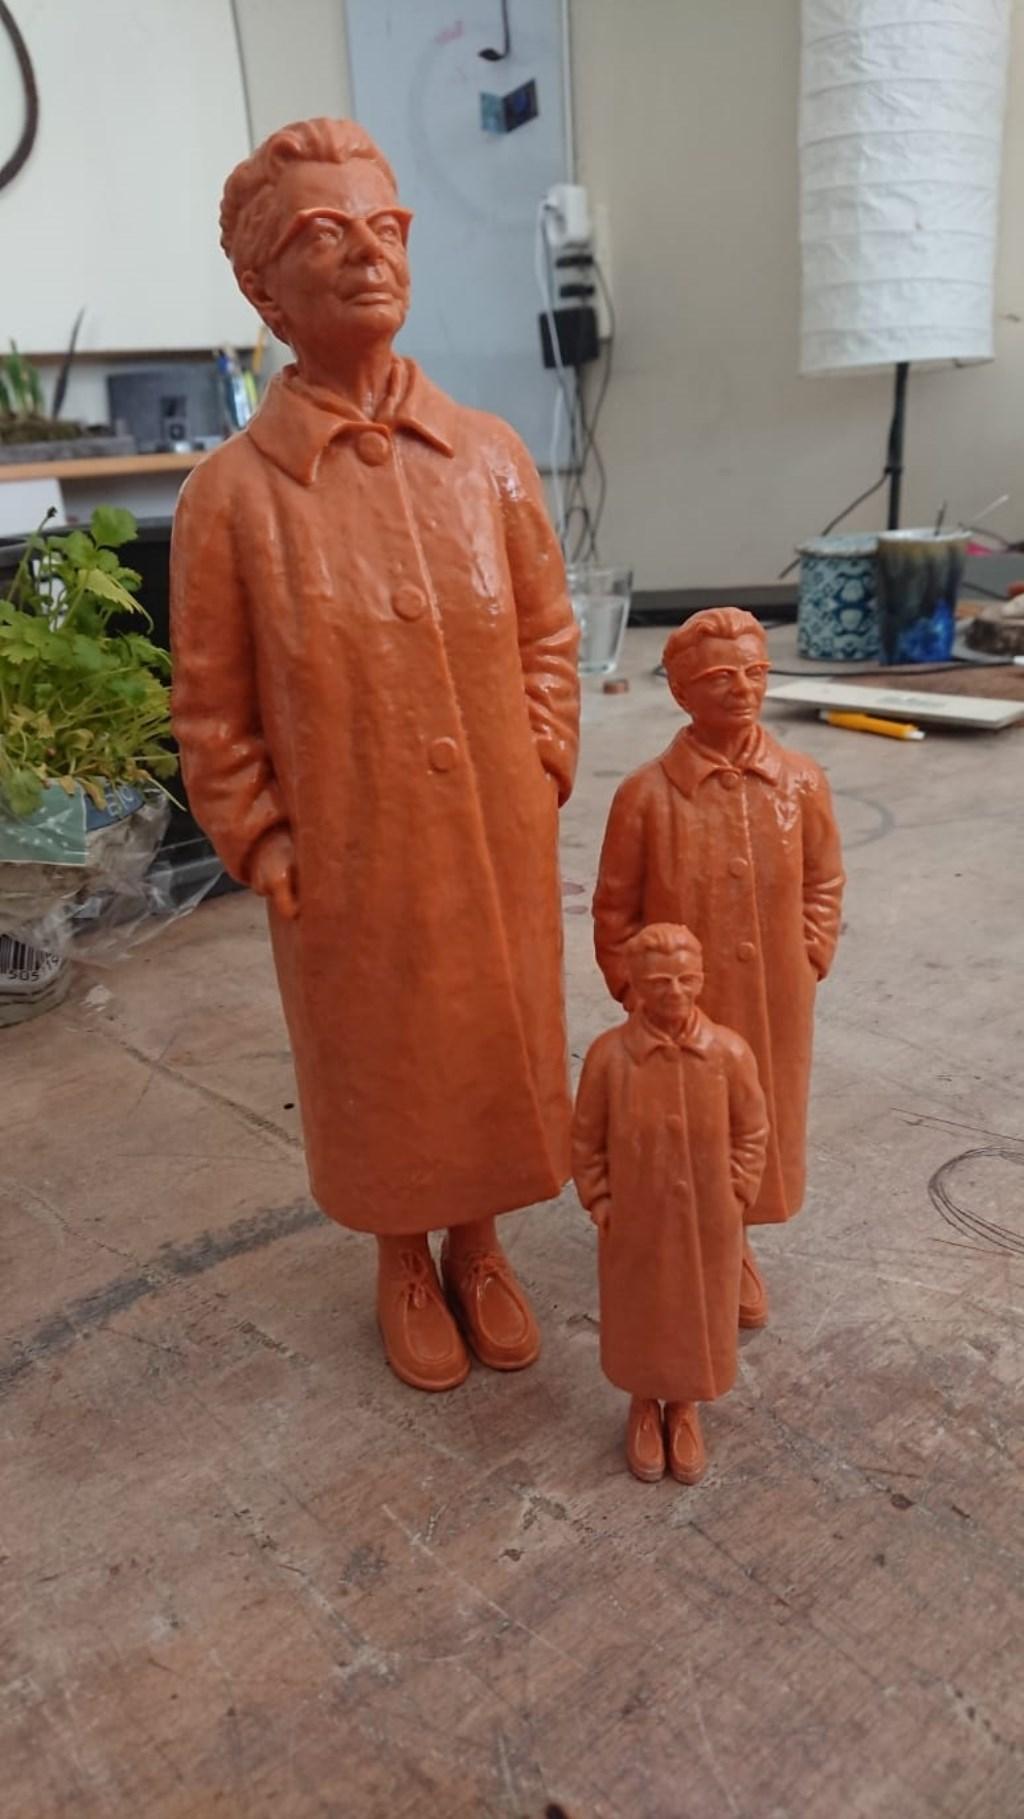 Ida Gerhardt in één van de stadia van het proces tot miniatuurbeeldje. De beeldjes worden uiteindelijk bronskleurig. Foto: Herma Schellingerhoudt  © Achterhoek Nieuws b.v.